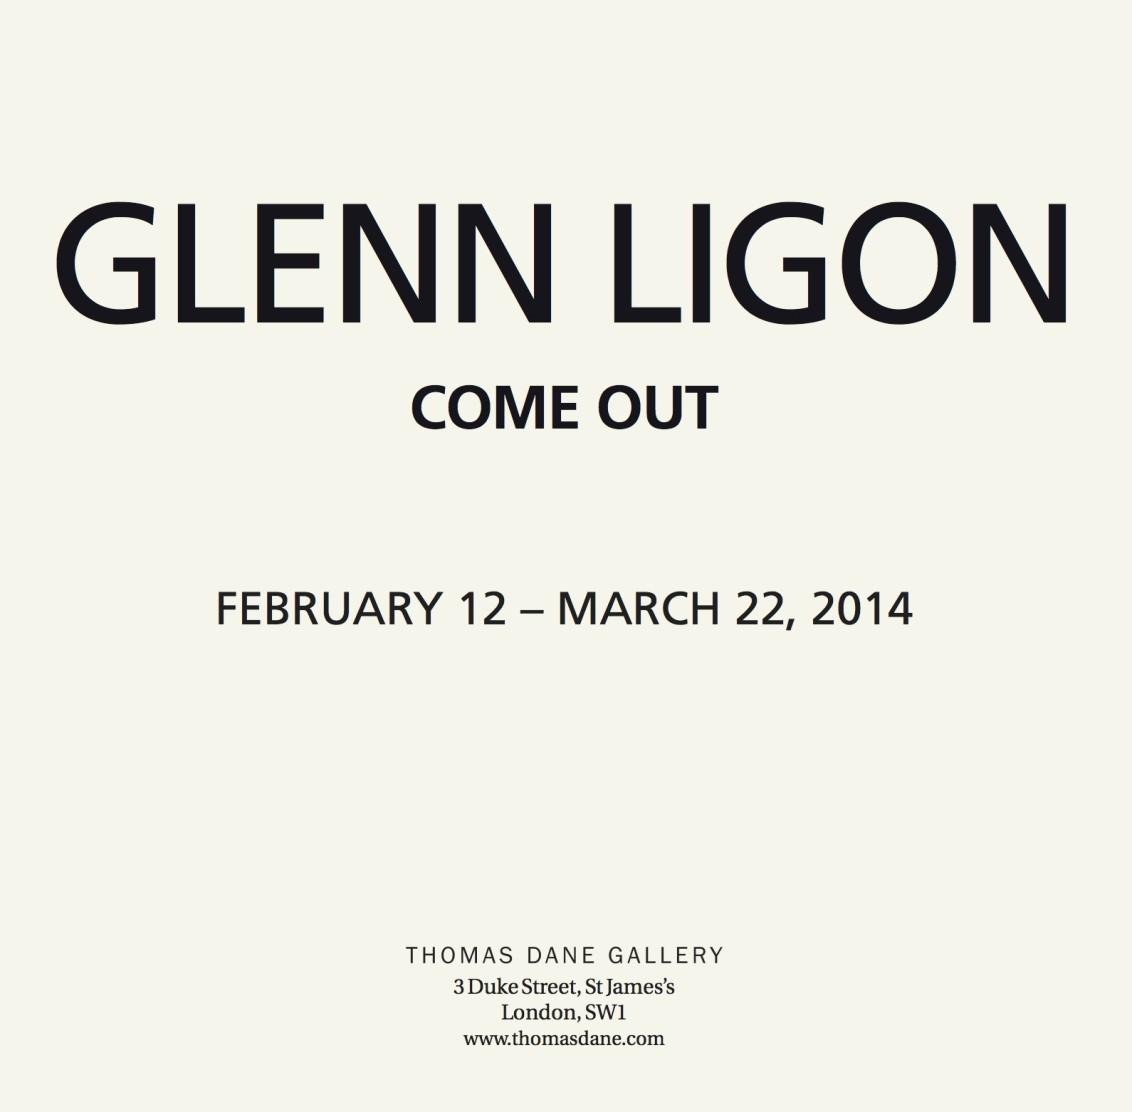 Glenn Ligon: Come Out